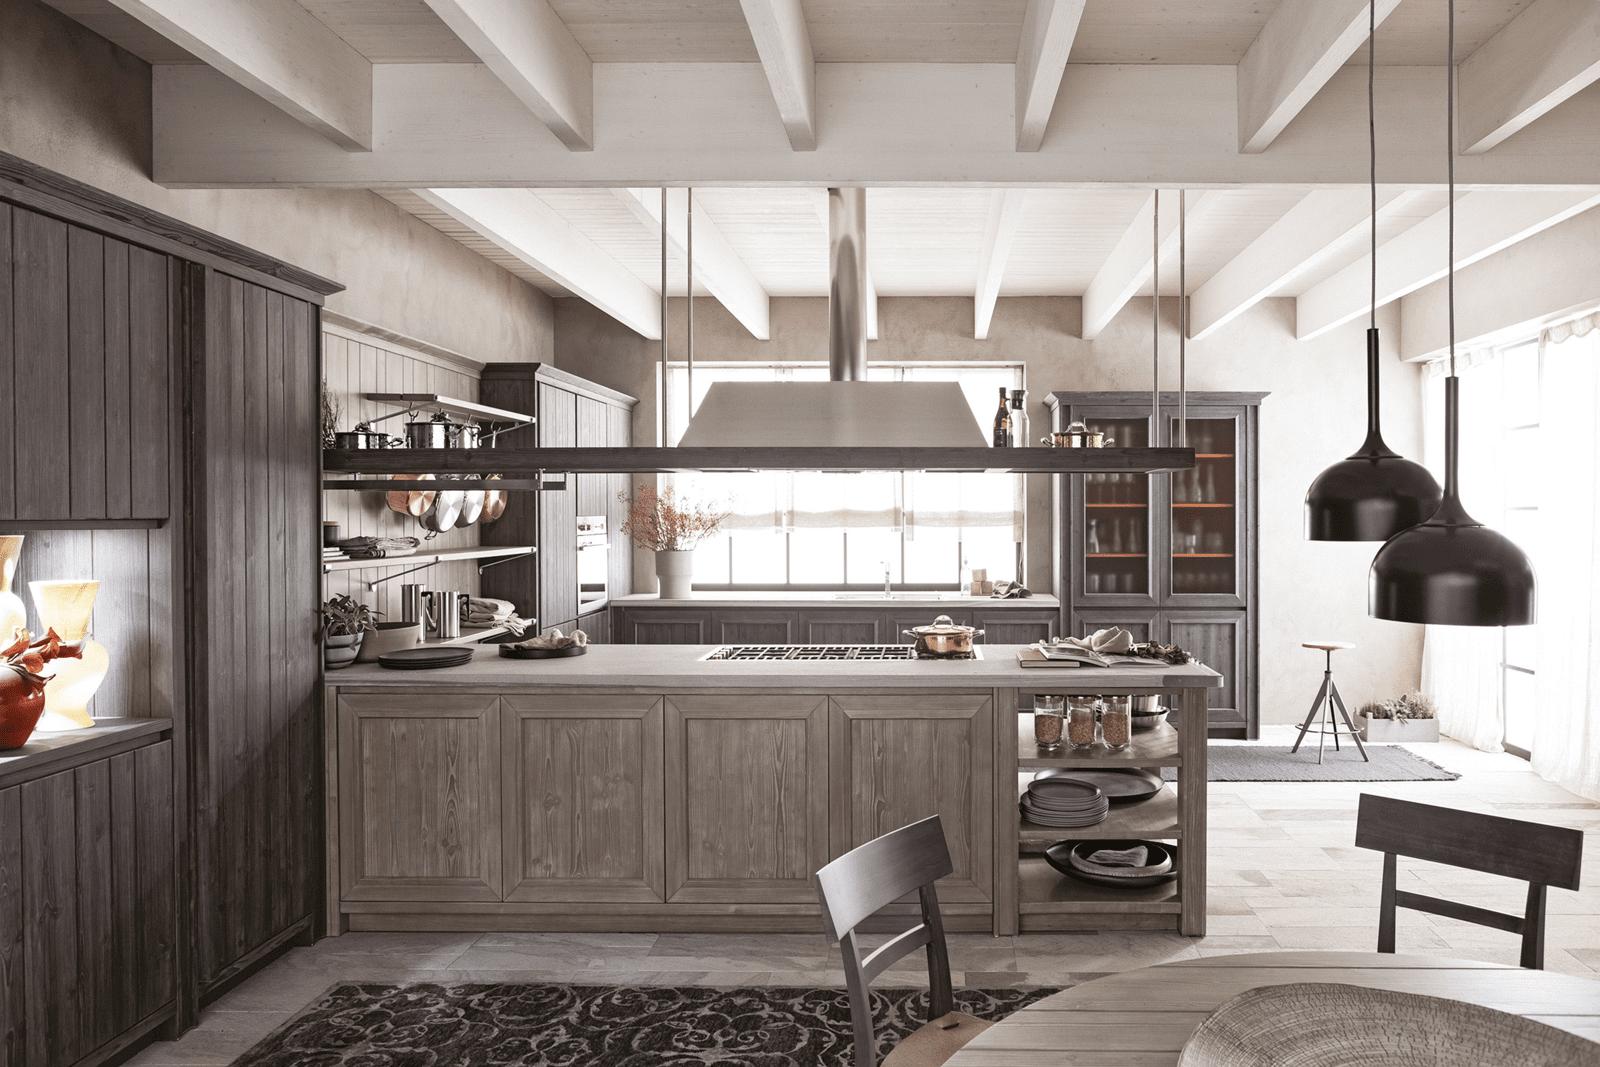 Penisola per la cucina non solo per dividere in zone cose di casa - Penisola per cucina ...